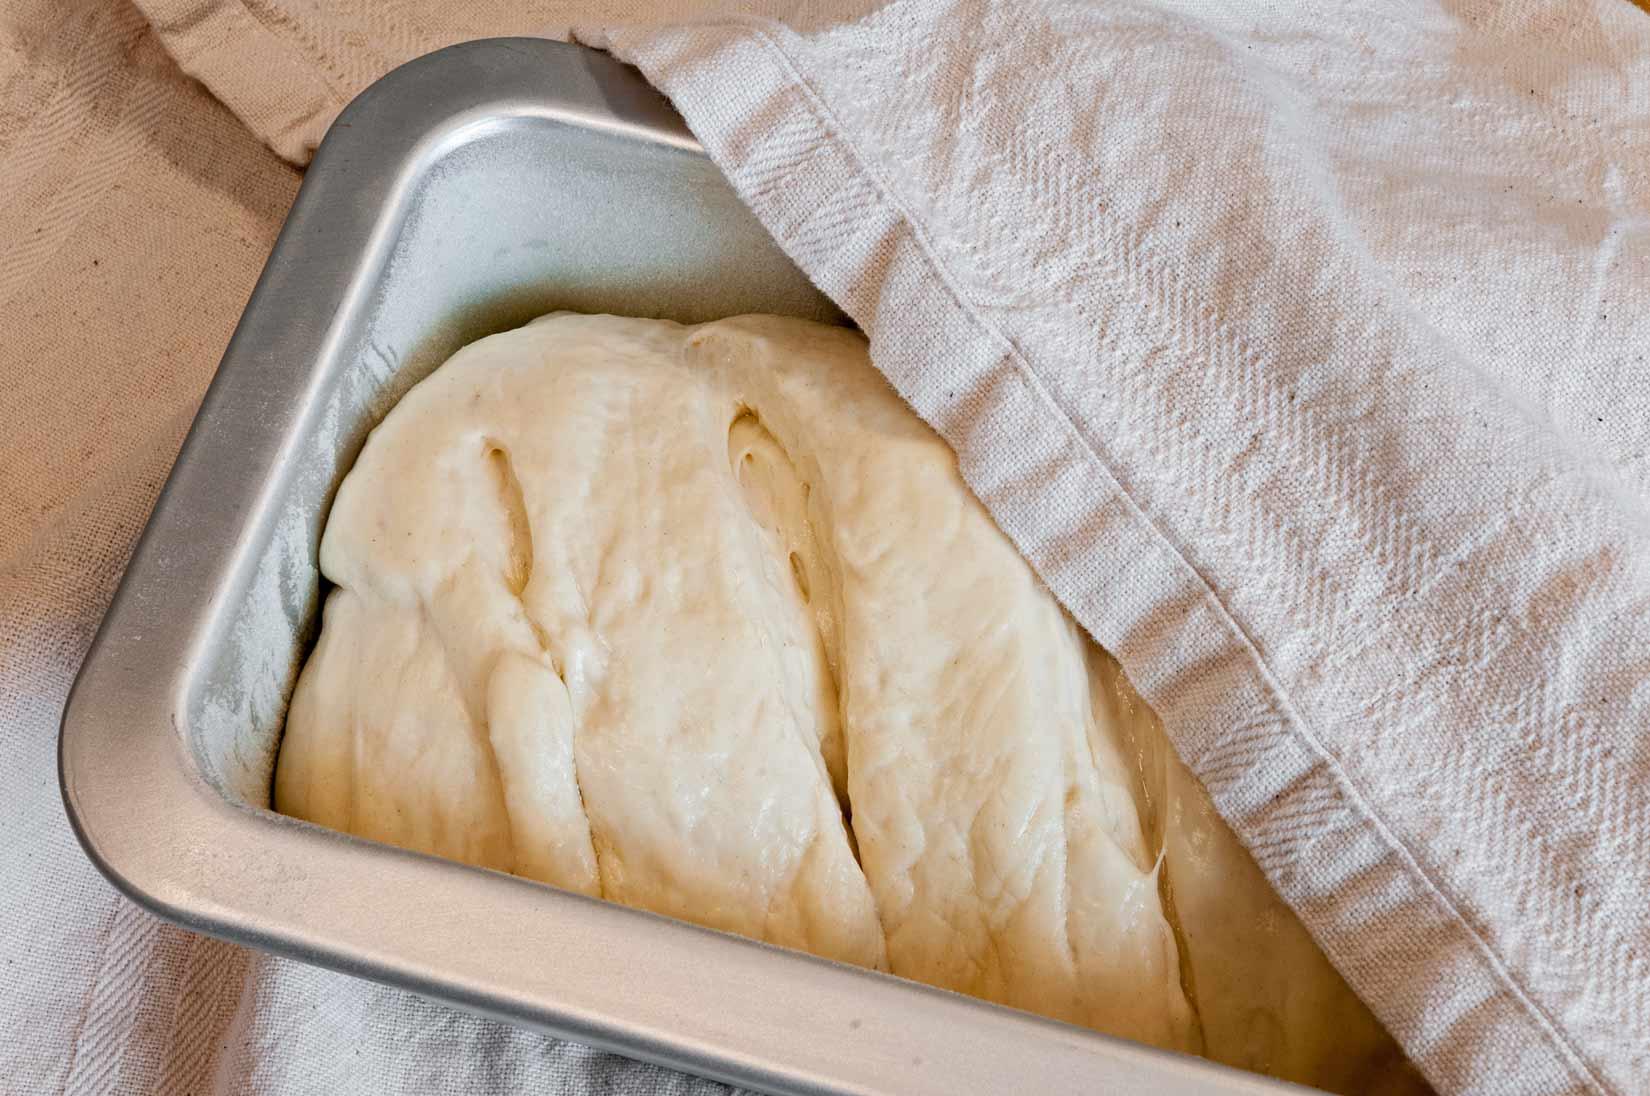 Syrový chléb dejte znovu na 1/2 hodiny kynout na teplé místo